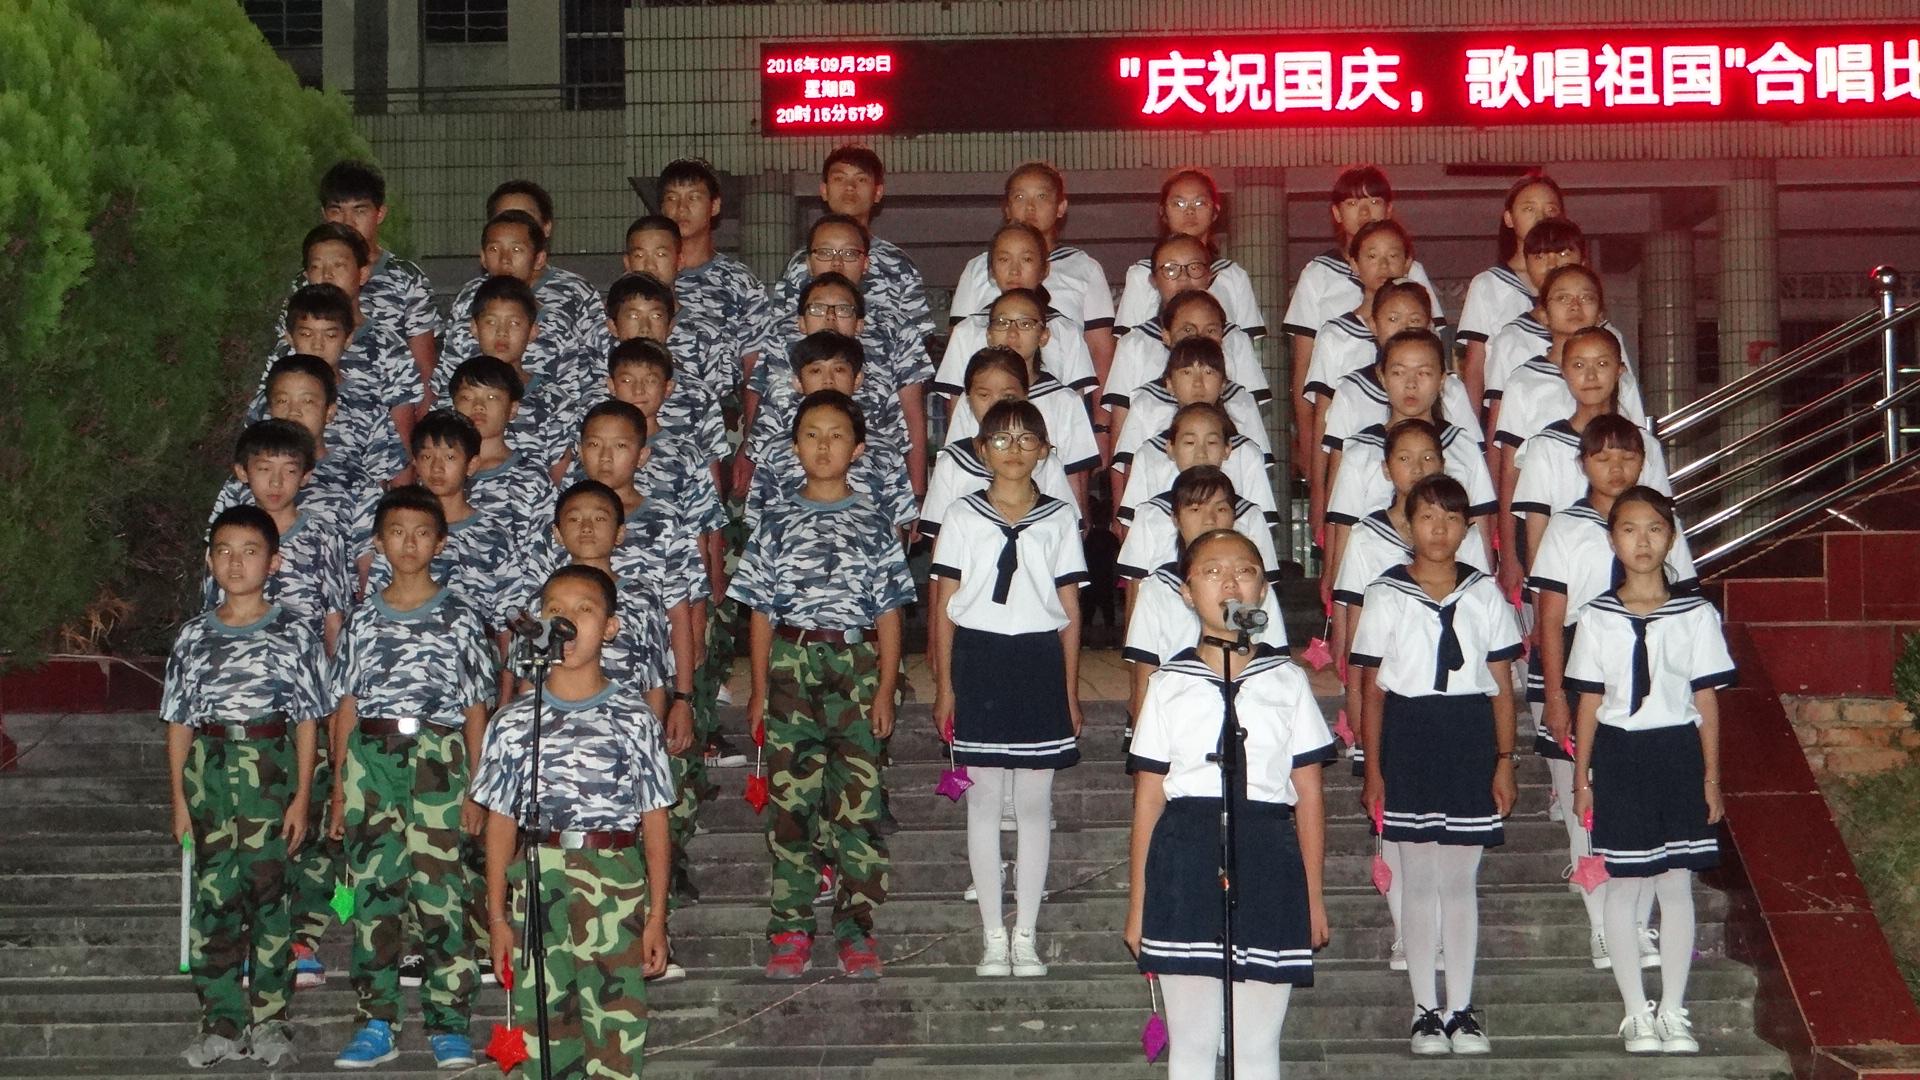 行 庆祝国庆,歌唱祖国 合唱比赛